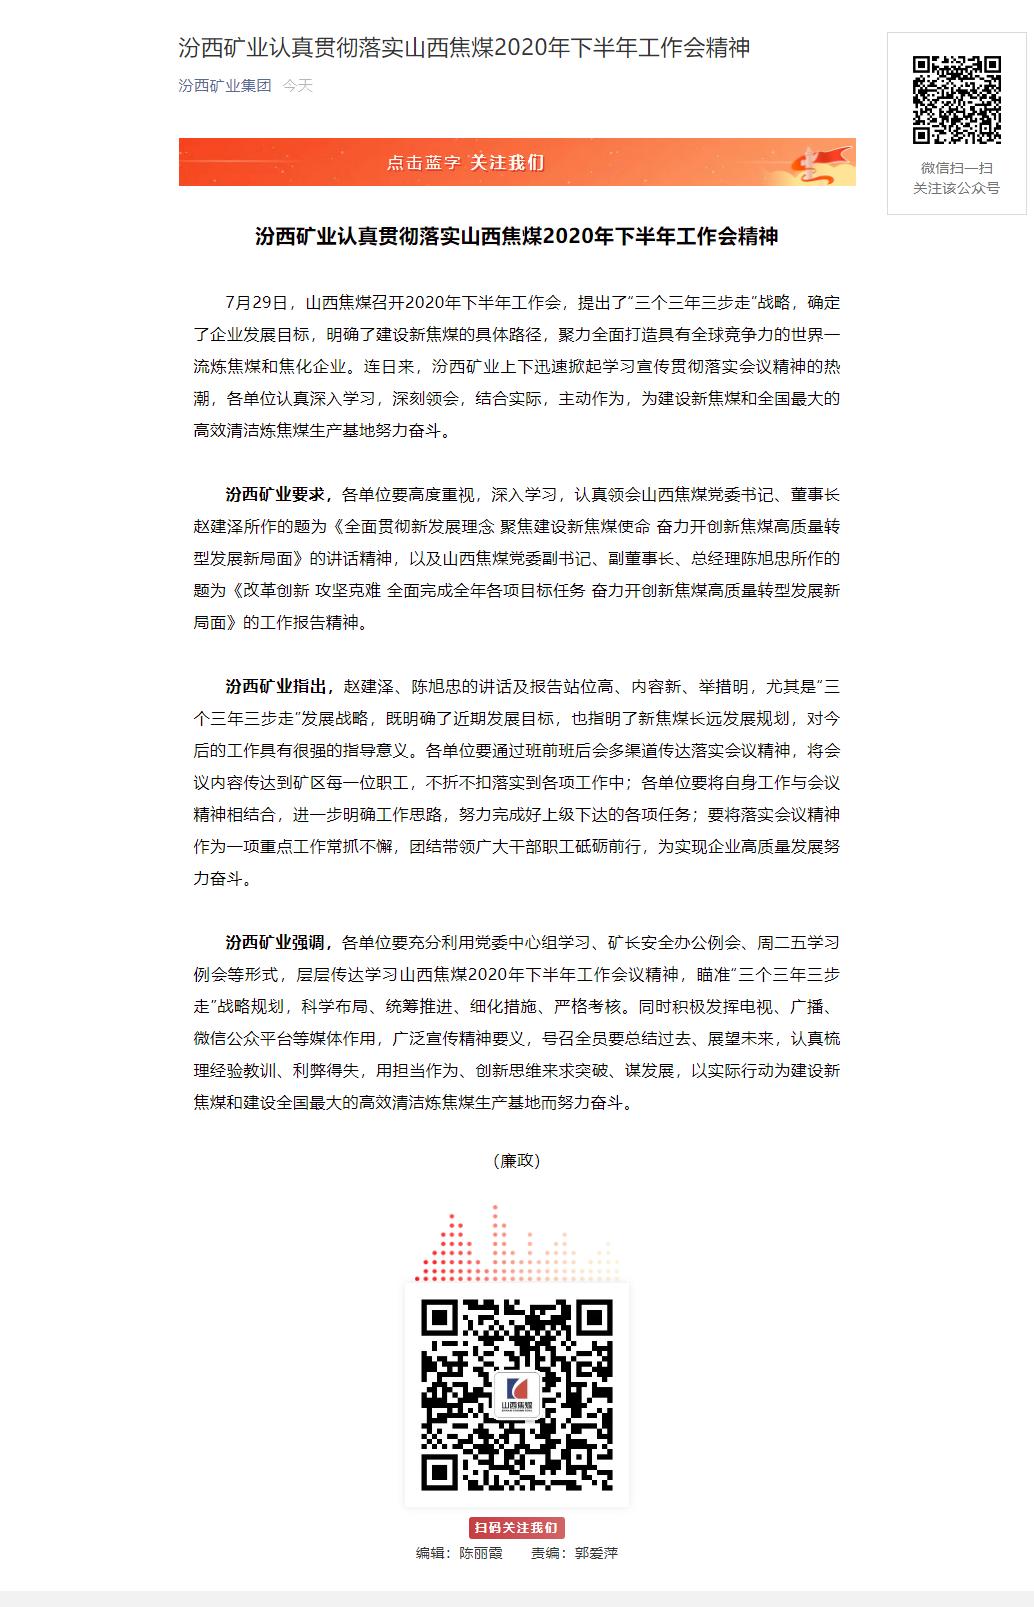 汾西矿业认真贯彻落实山西焦煤2020年下半年工作会精神.png